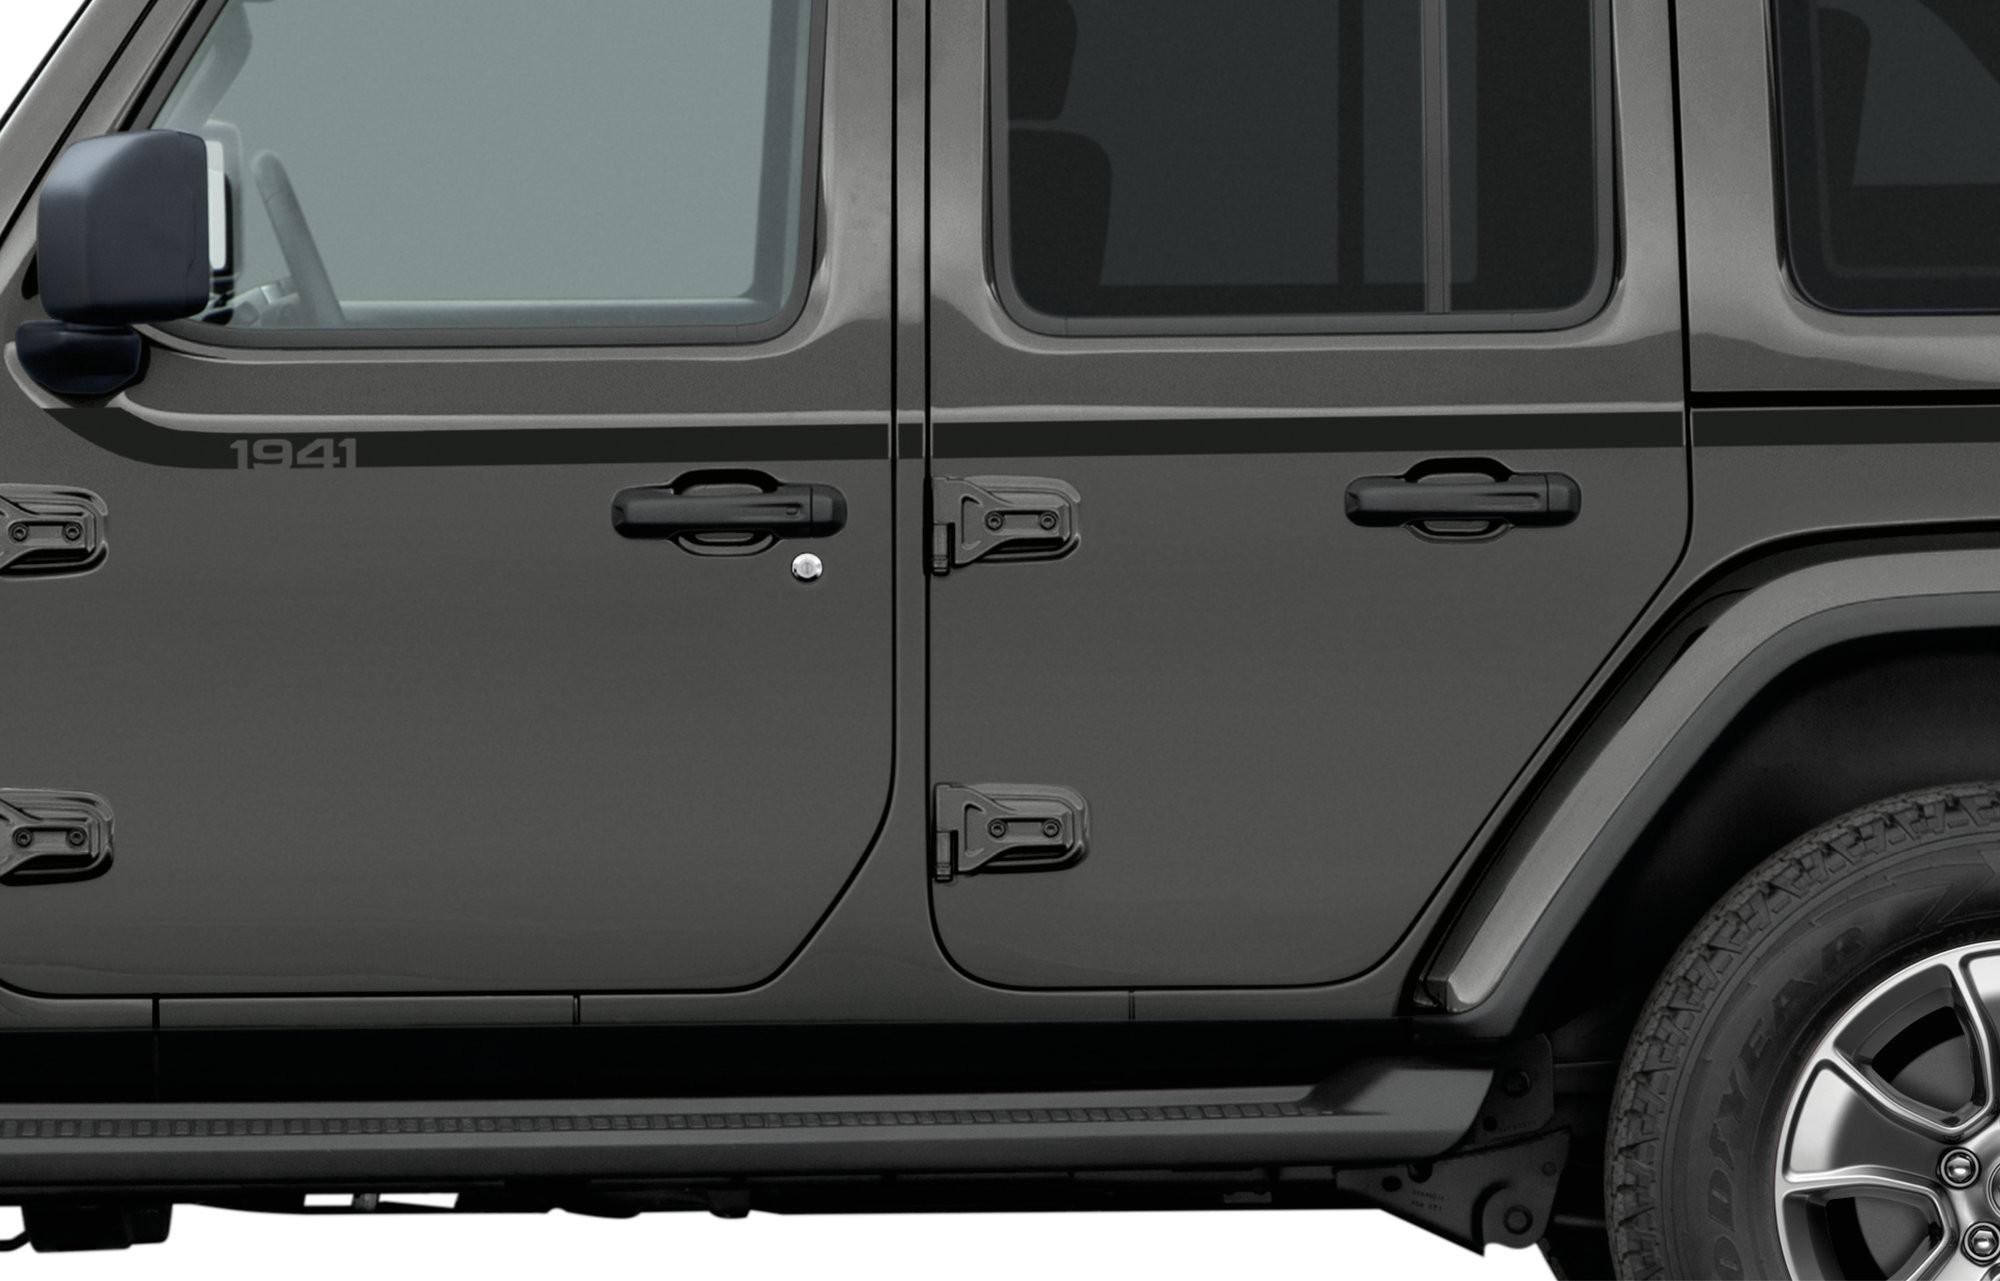 Just Jeeps Mopar Quot 1941 Quot Swoosh Side Decal For 2018 Jeep